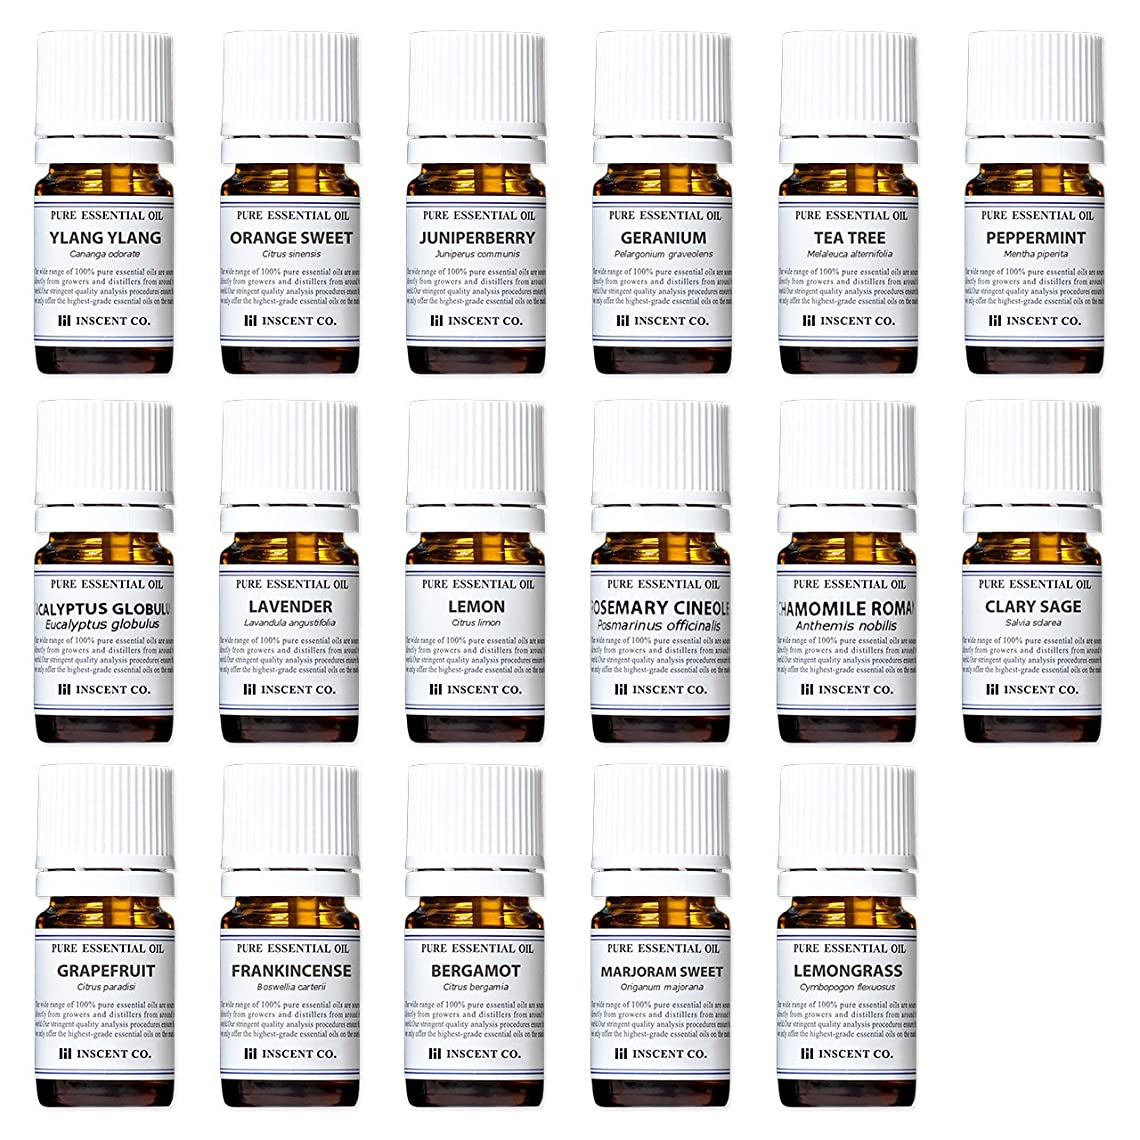 軍隊地球コメントアロマテラピー検定香りテスト対応17種セット エッセンシャルオイル 精油 AEAJ インセント